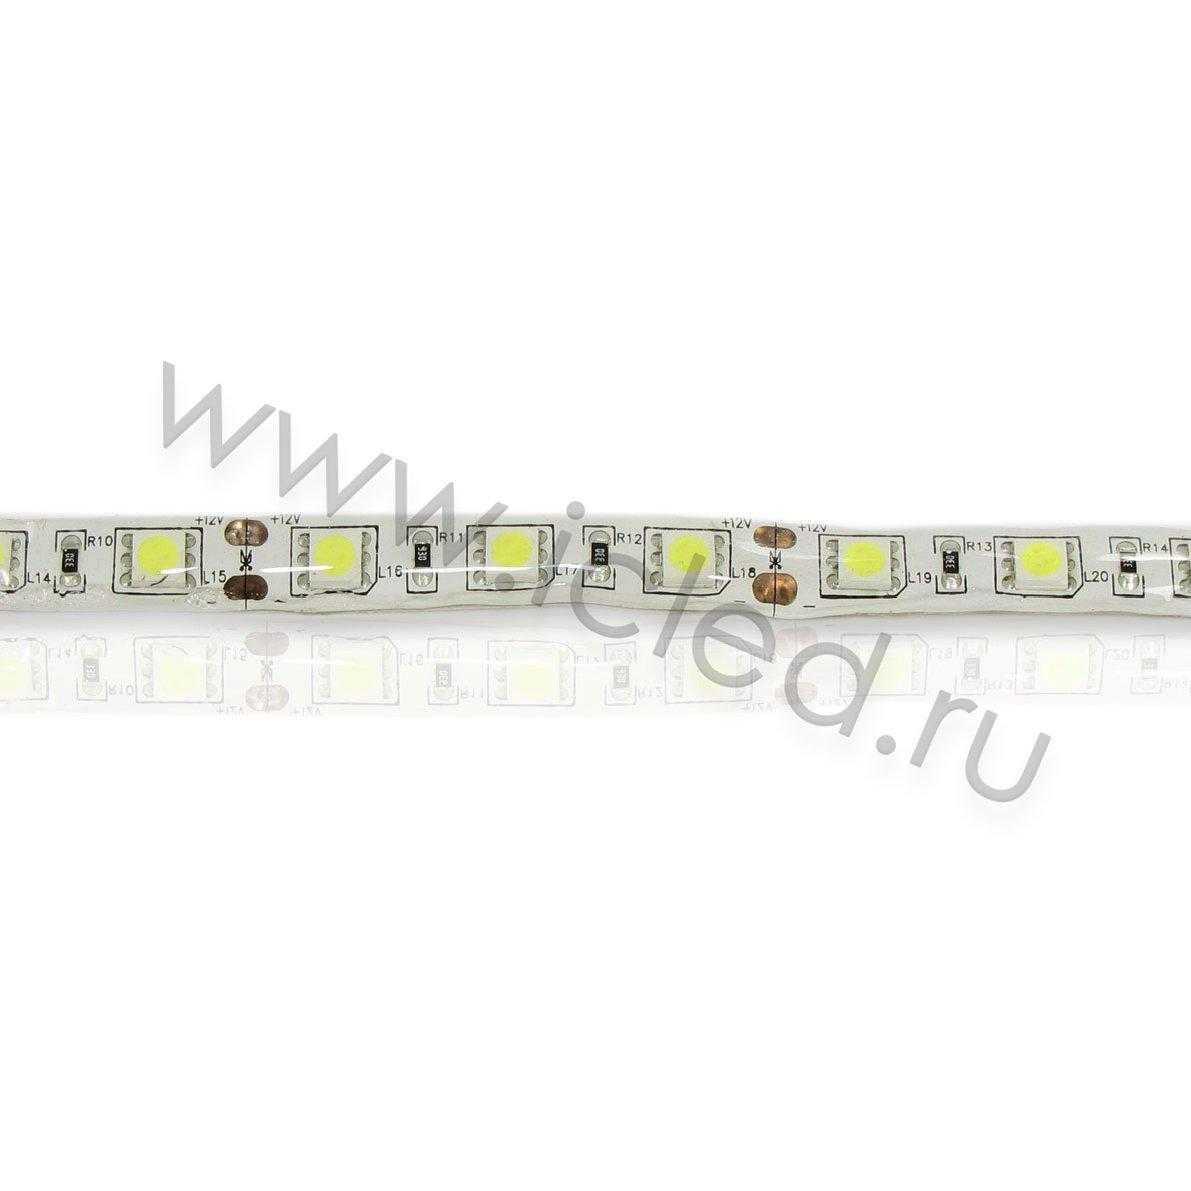 Светодиодная лента Class A, 5050, 60led/m, White, 12V, IP65